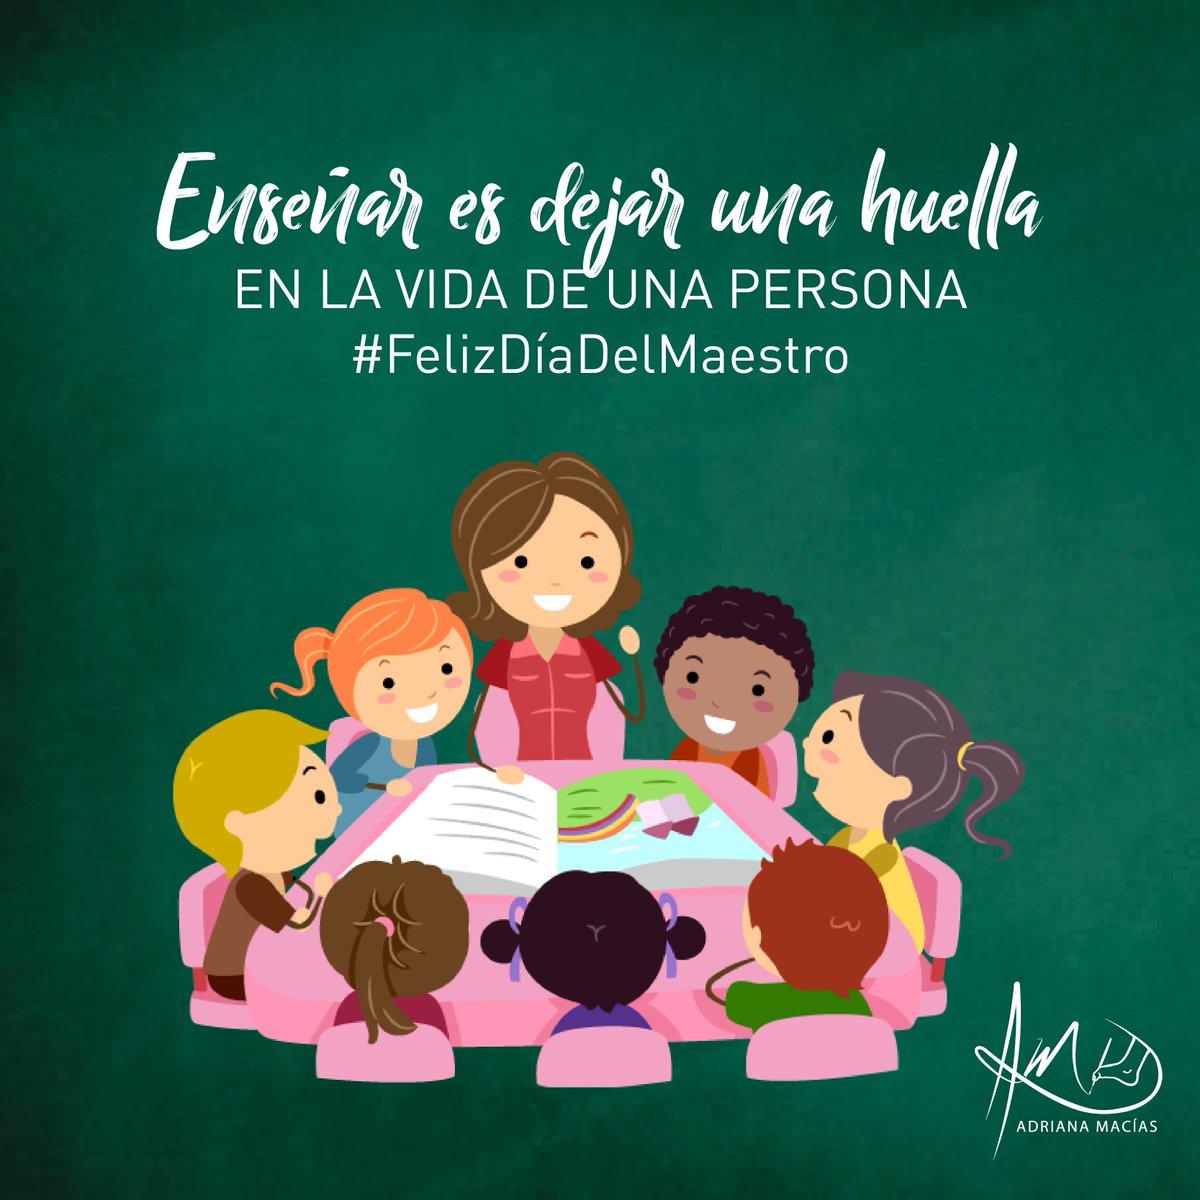 Adriana Macias On Twitter Ensenar Es Dejar Una Huella En La Vida